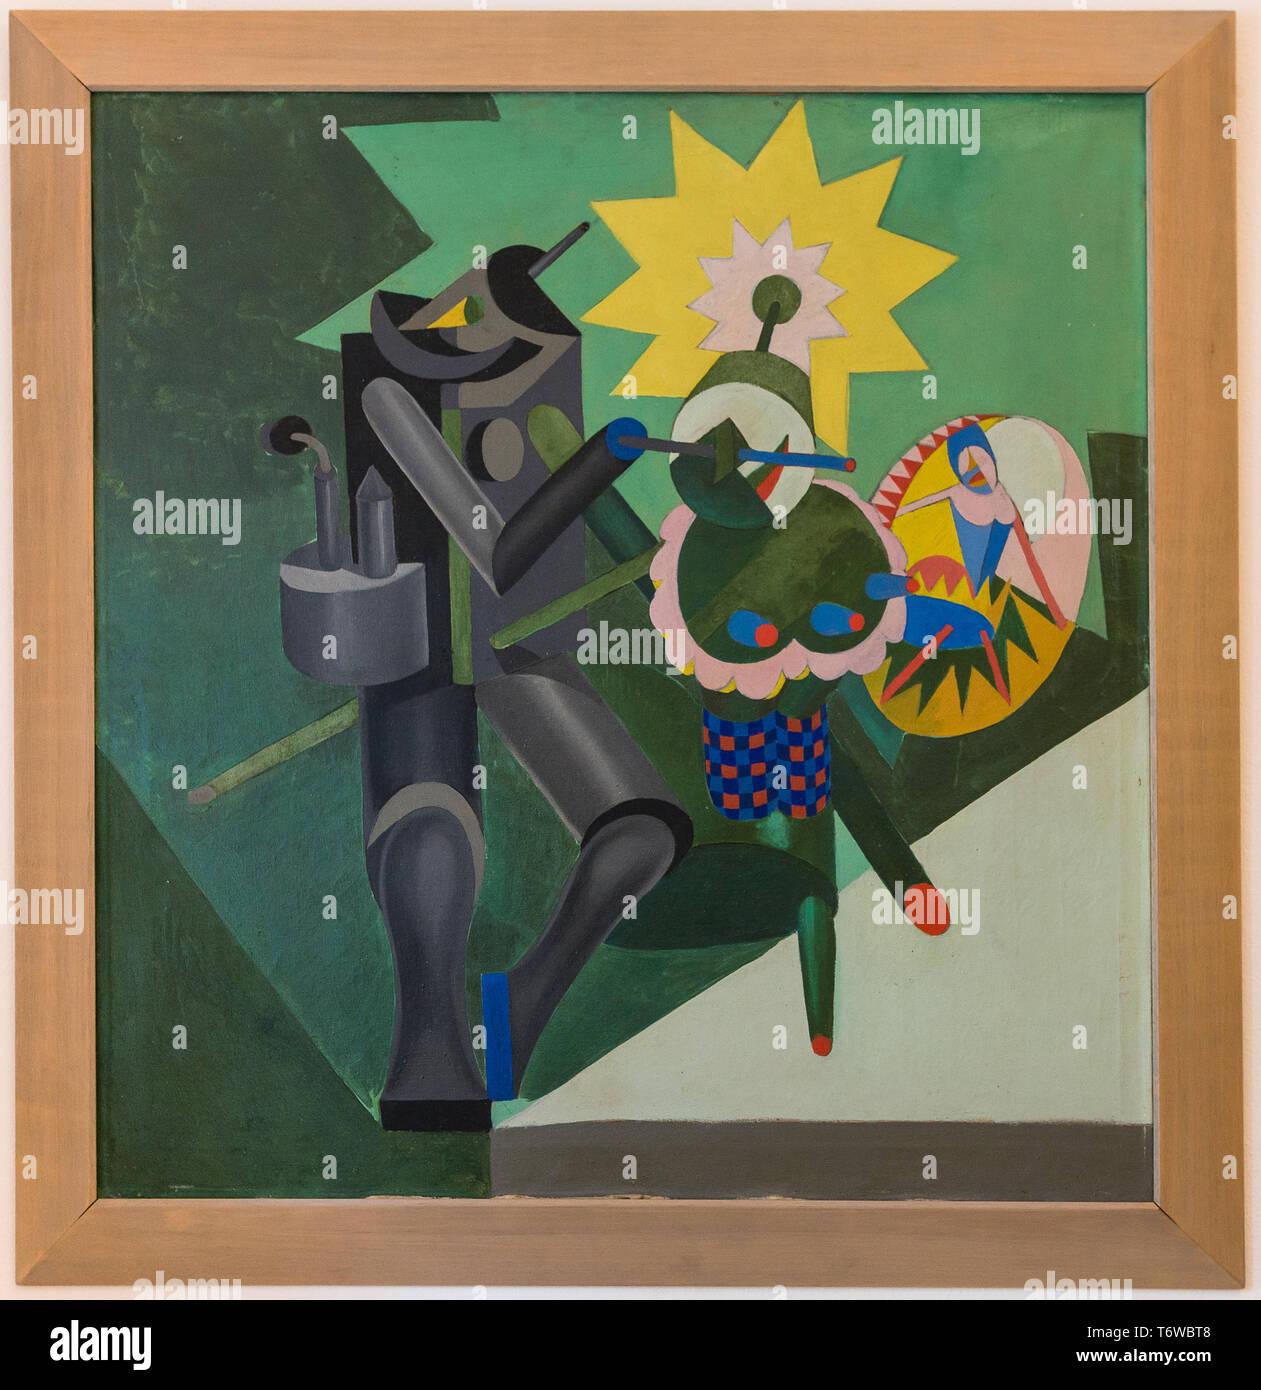 Rovereto, Casa Depero: 'Meccanica di ballerini', olio su tela di Fortunato Depero, 1917. [ENG] Rovereto, Casa Depero: 'Meccanica di ballerini', aceite p Imagen De Stock